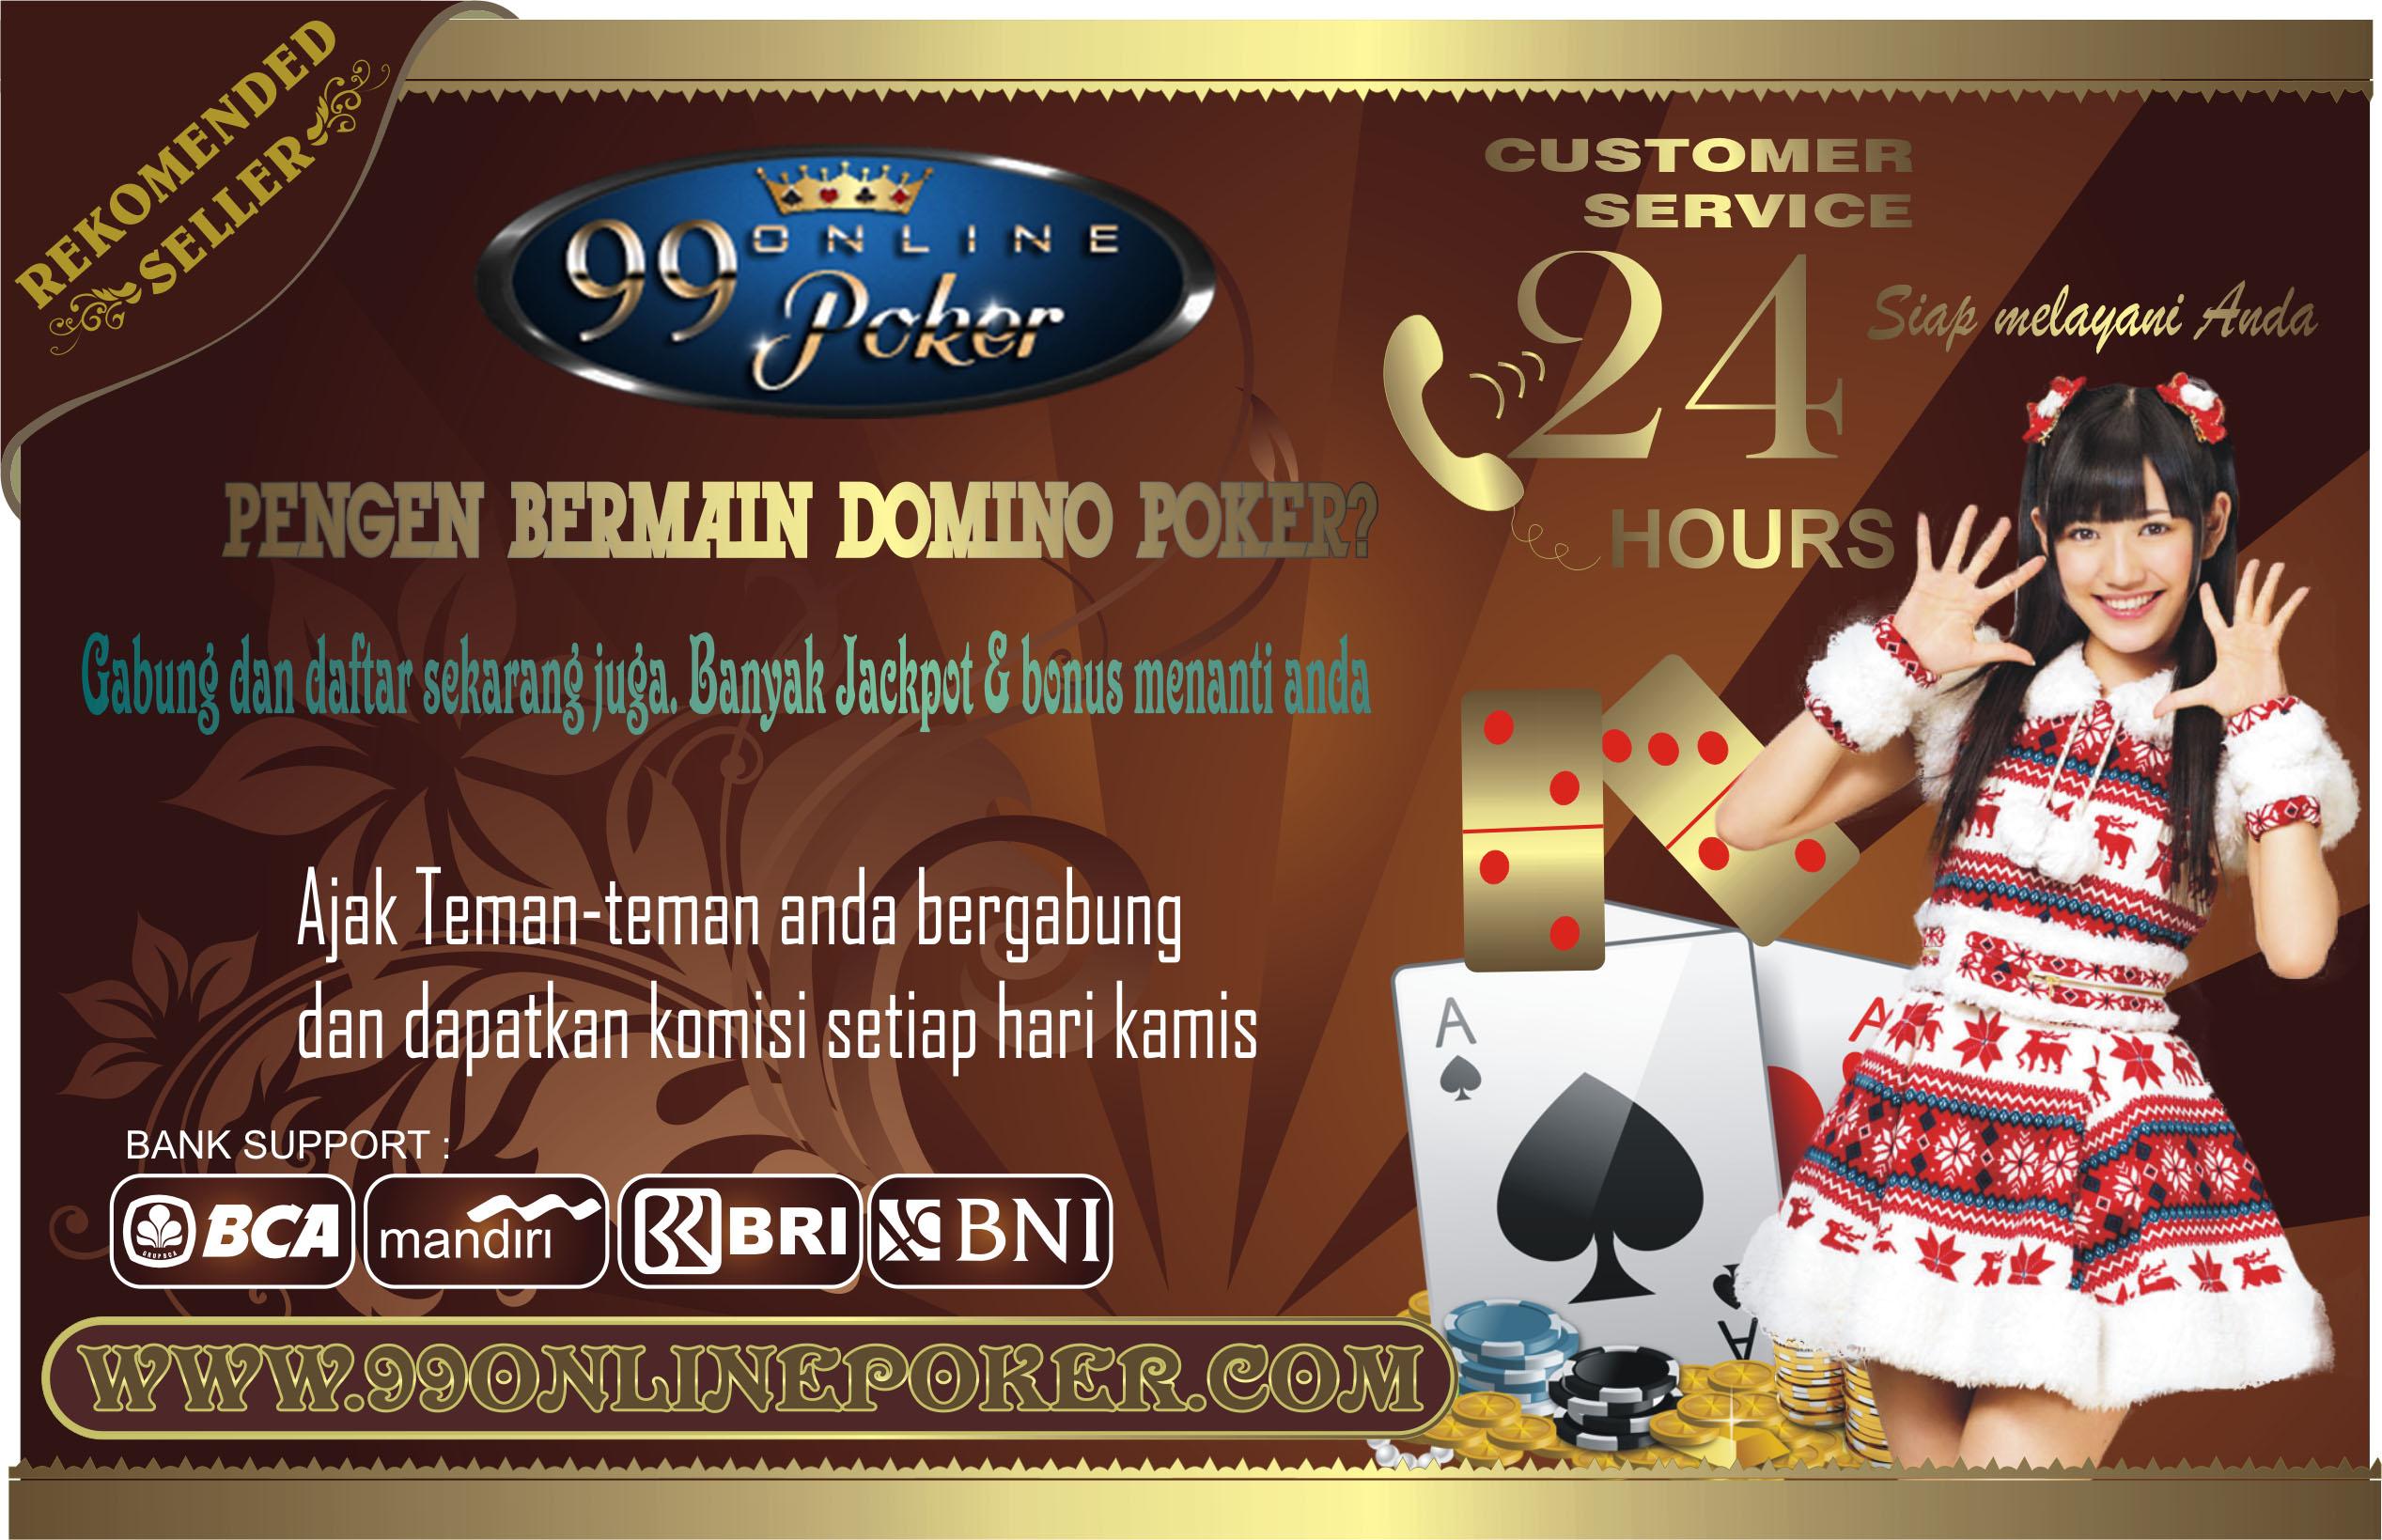 Bonus Di Permainan Domino Online Uang Asli